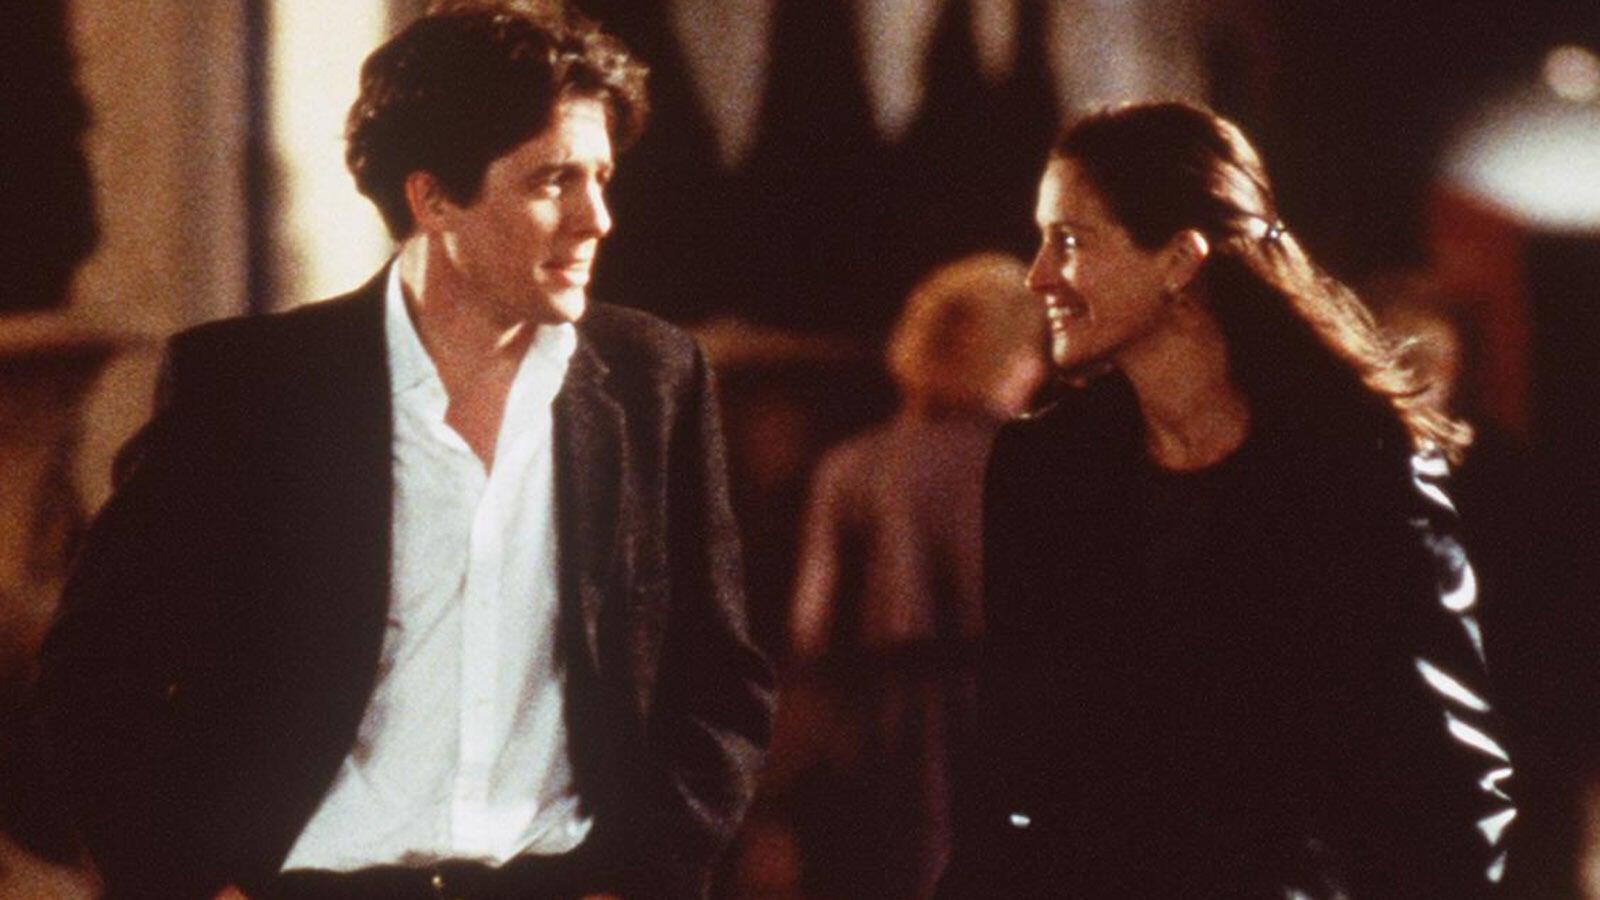 Hugh Grant and Julia Roberts, Notting Hill